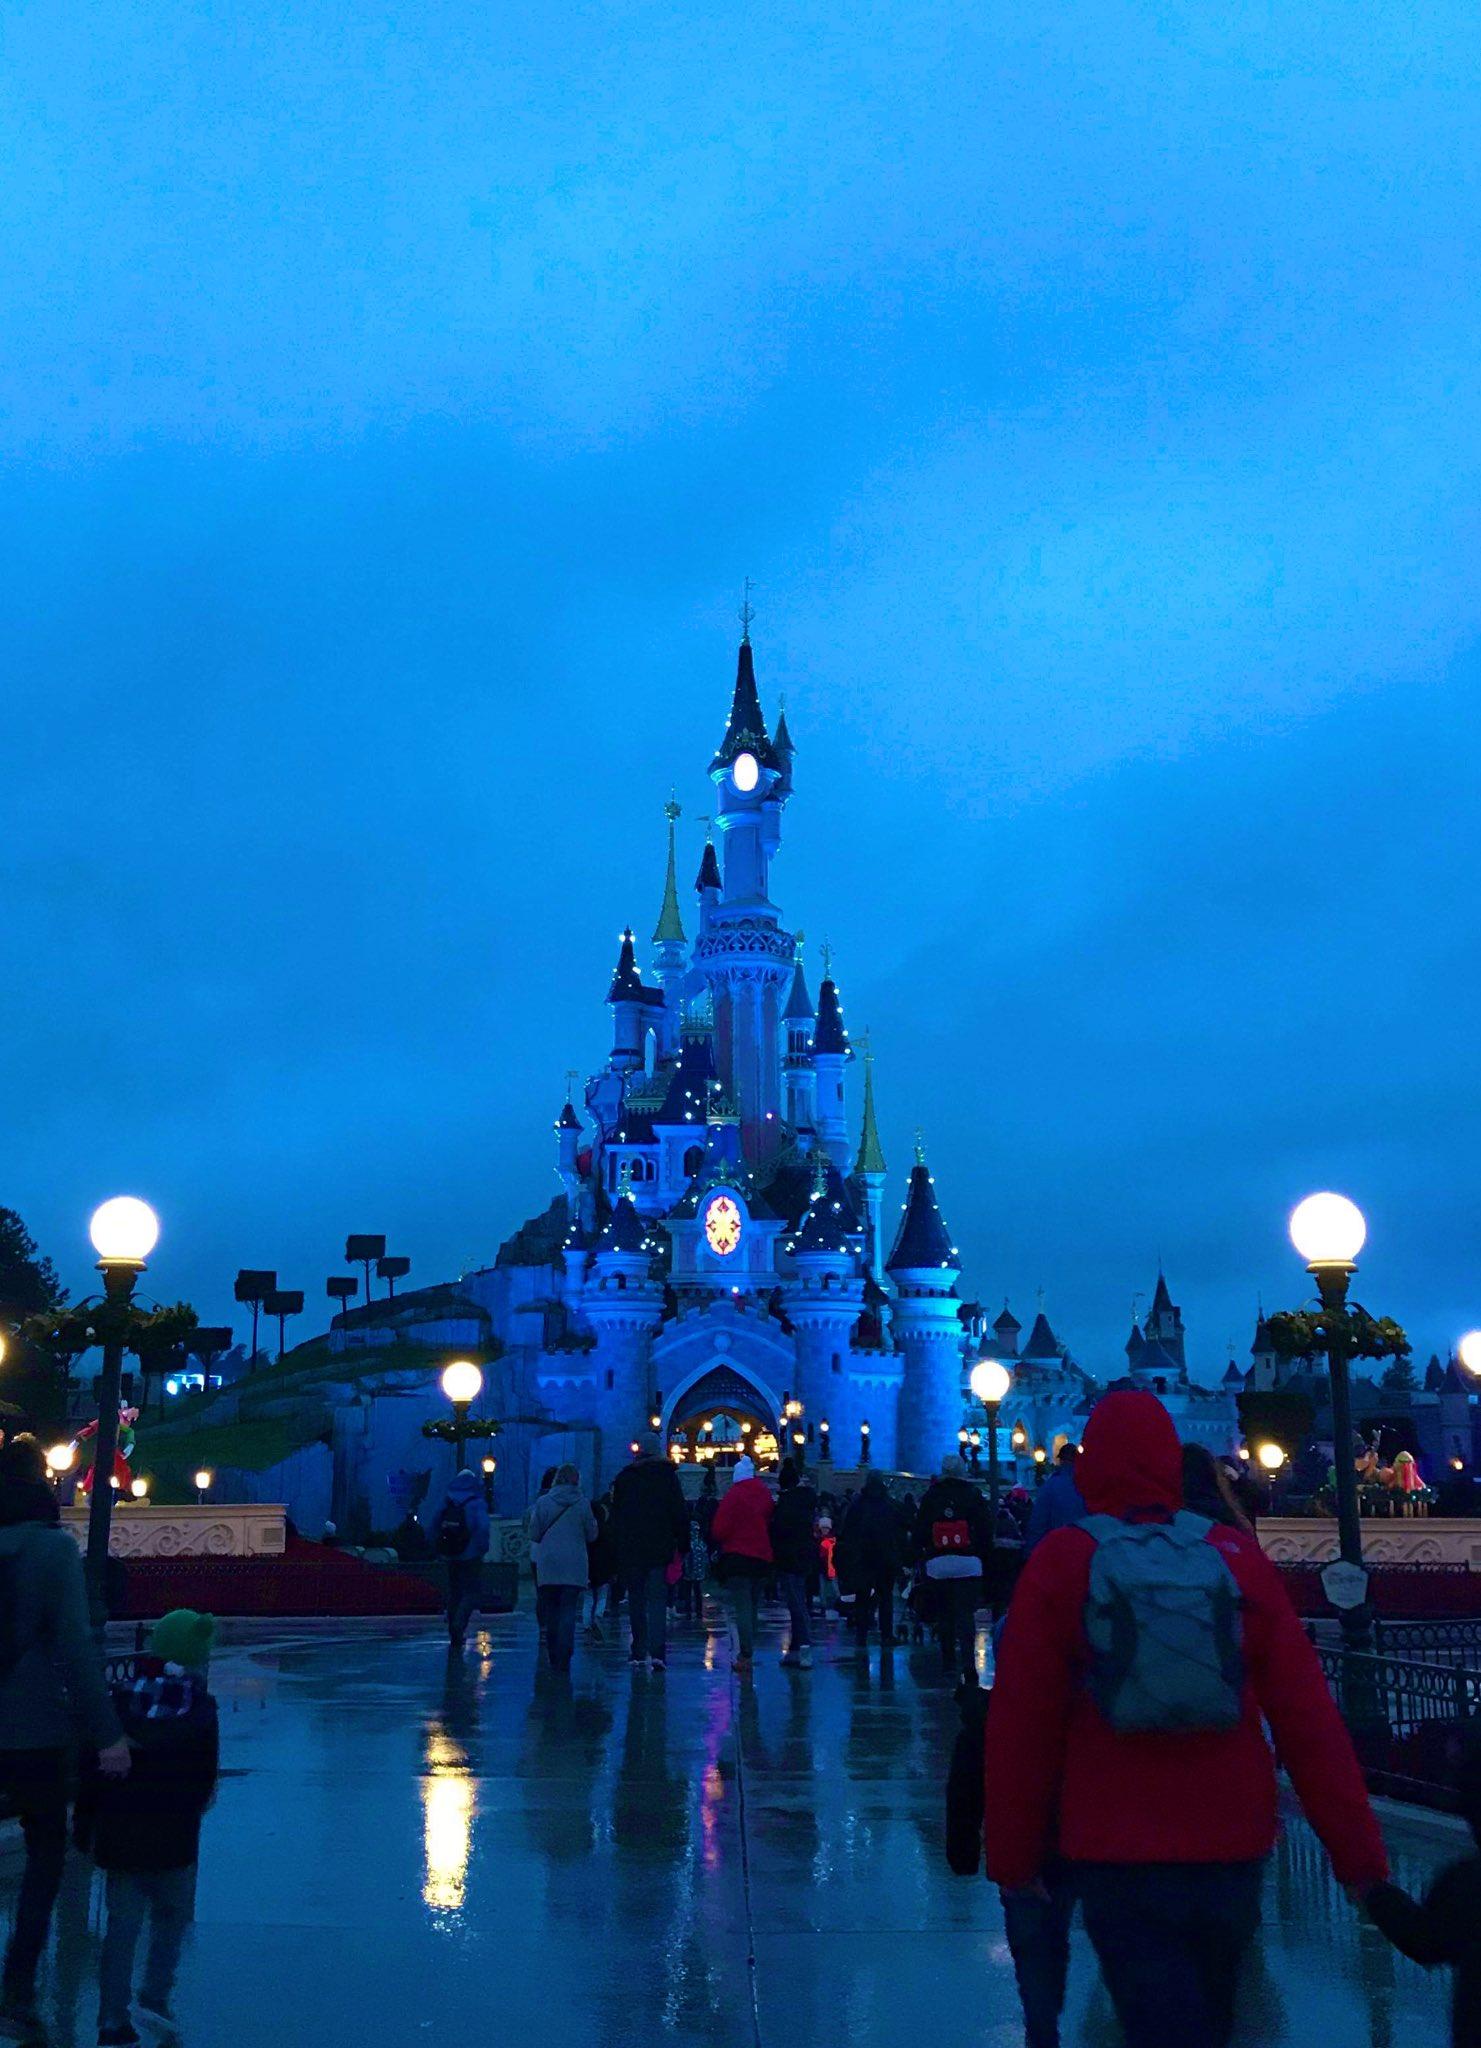 [Saison] Le Noël Enchanté Disney : une célébration Mickeyfique (2018-2019) - Page 17 Du7I2fDXgAAD0a8